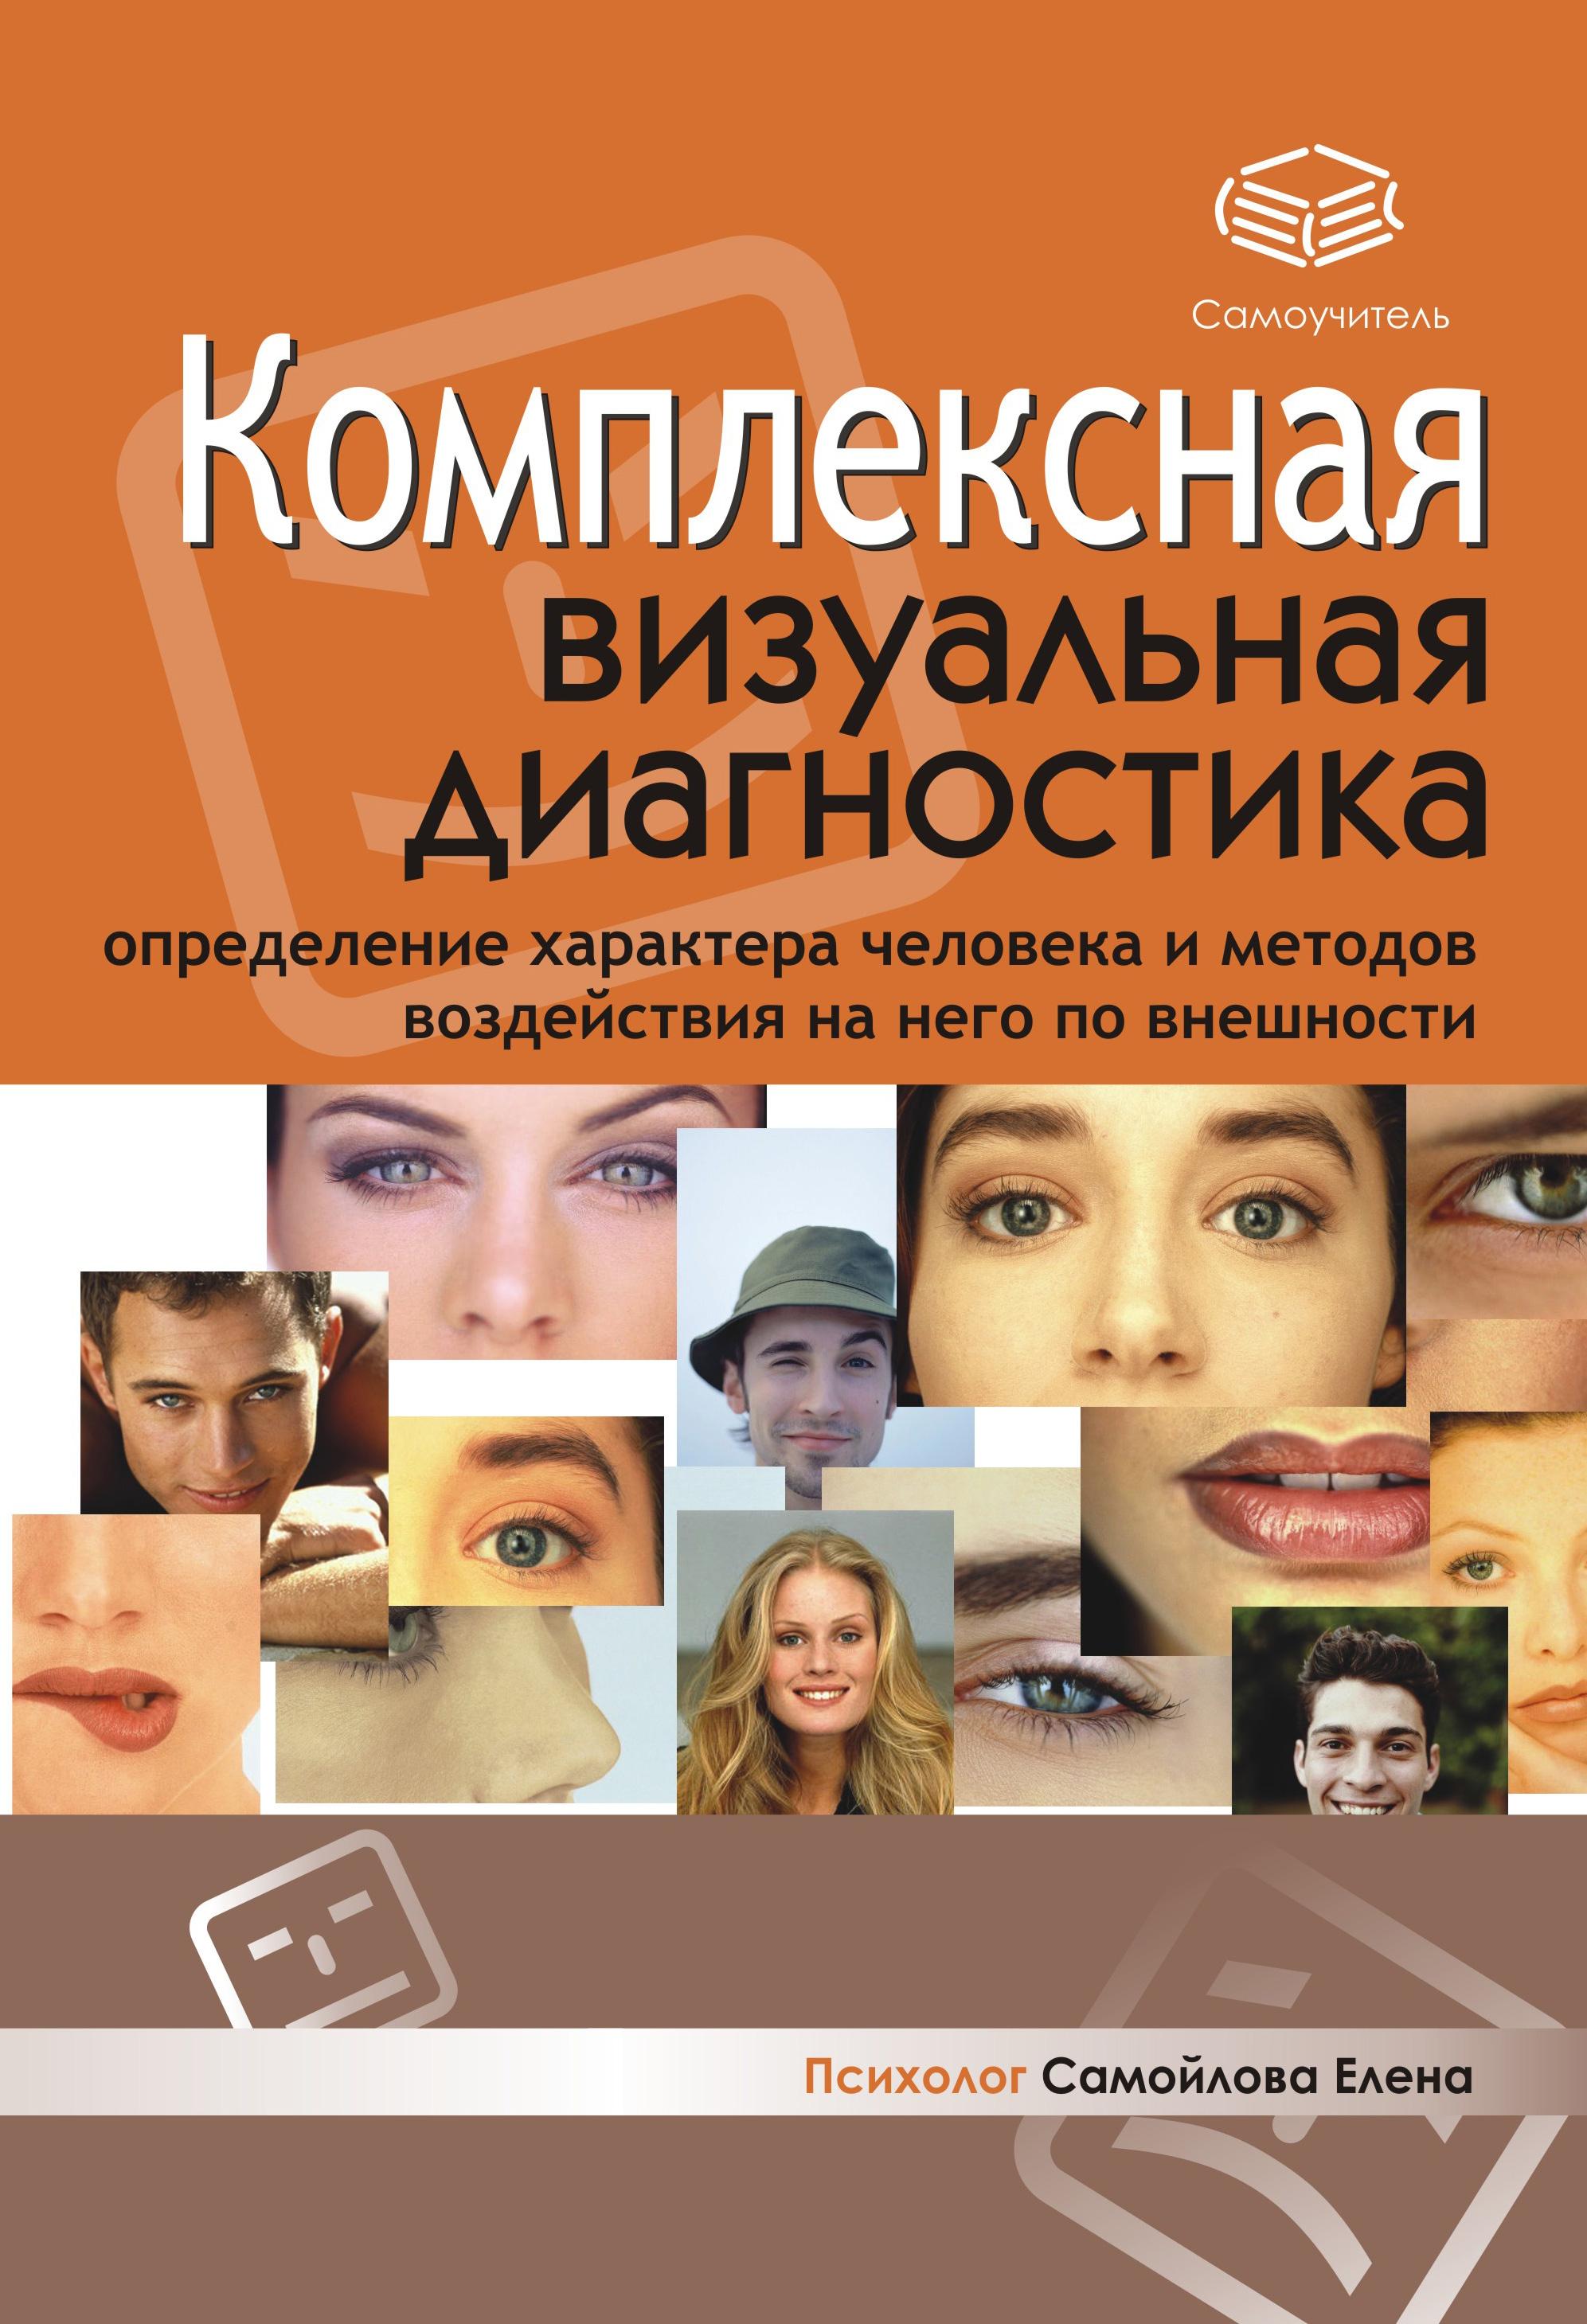 Книга Комплексная визуальная диагностика